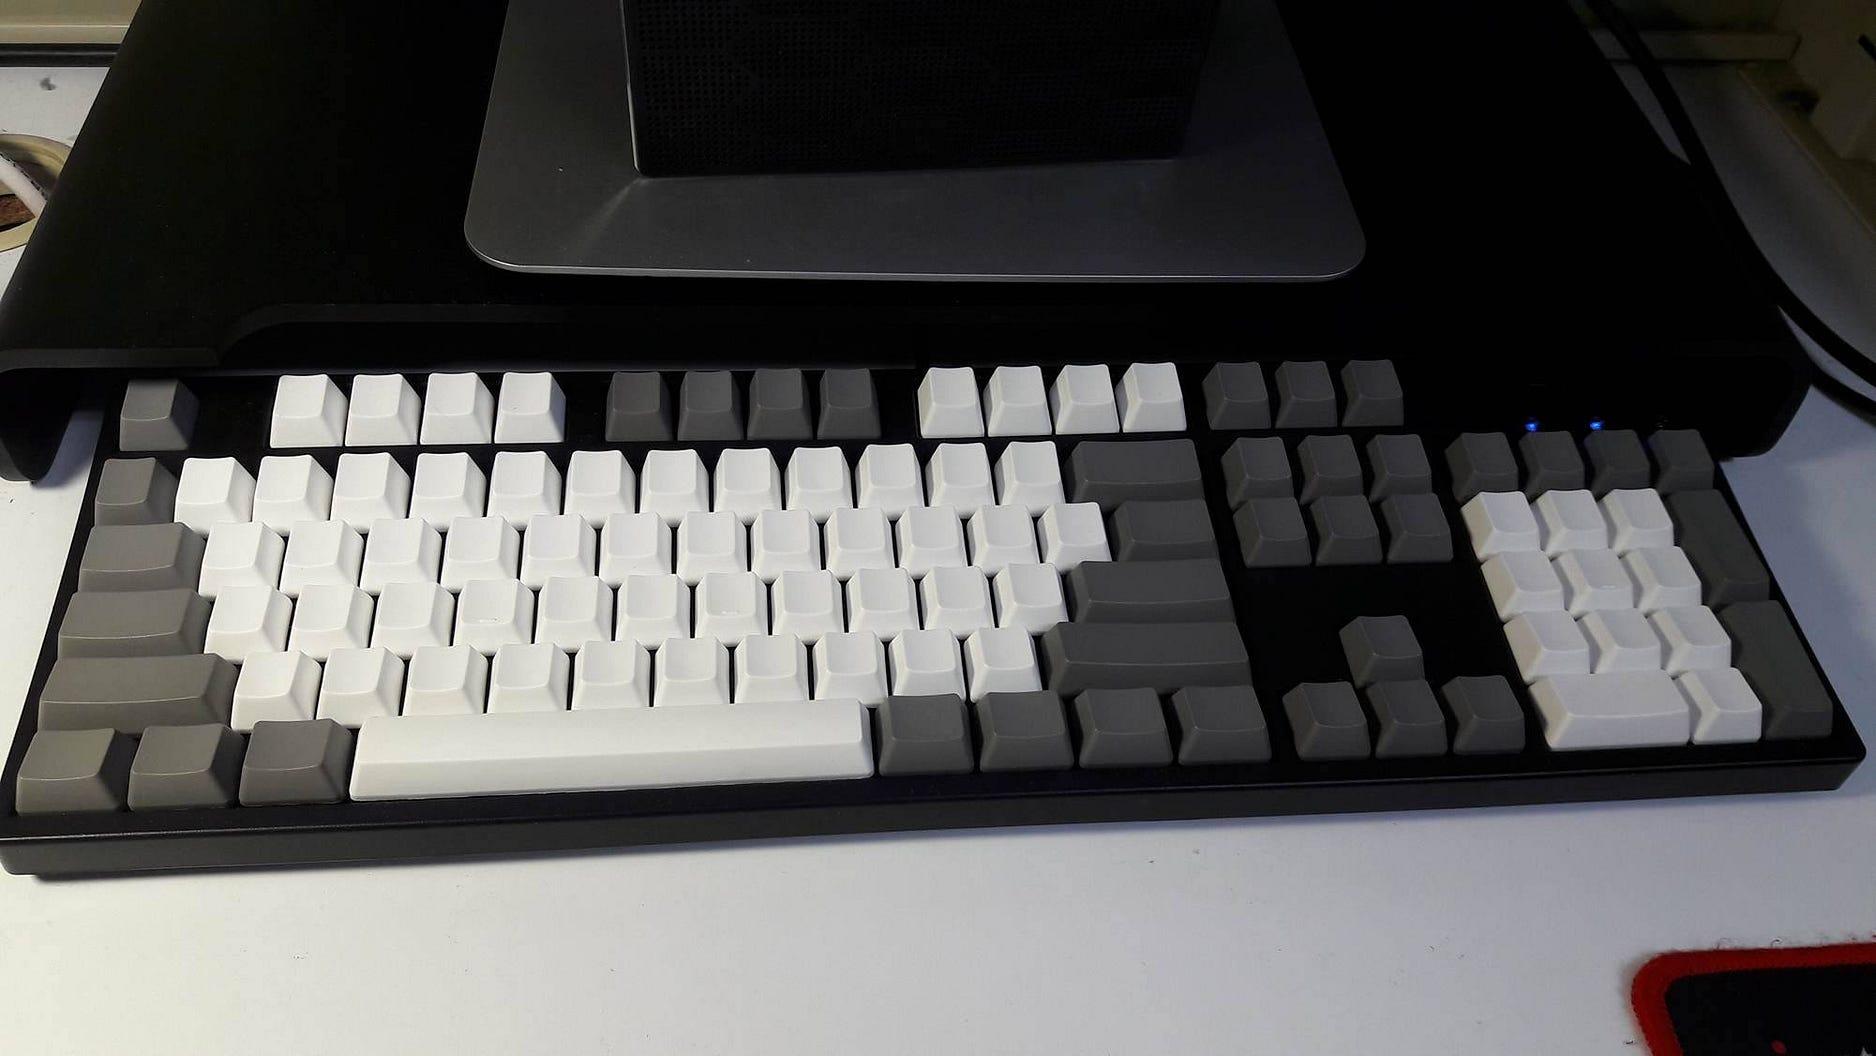 我們為何要使用機械式鍵盤? 機械式鍵盤入門及推薦 - Frank Chiu